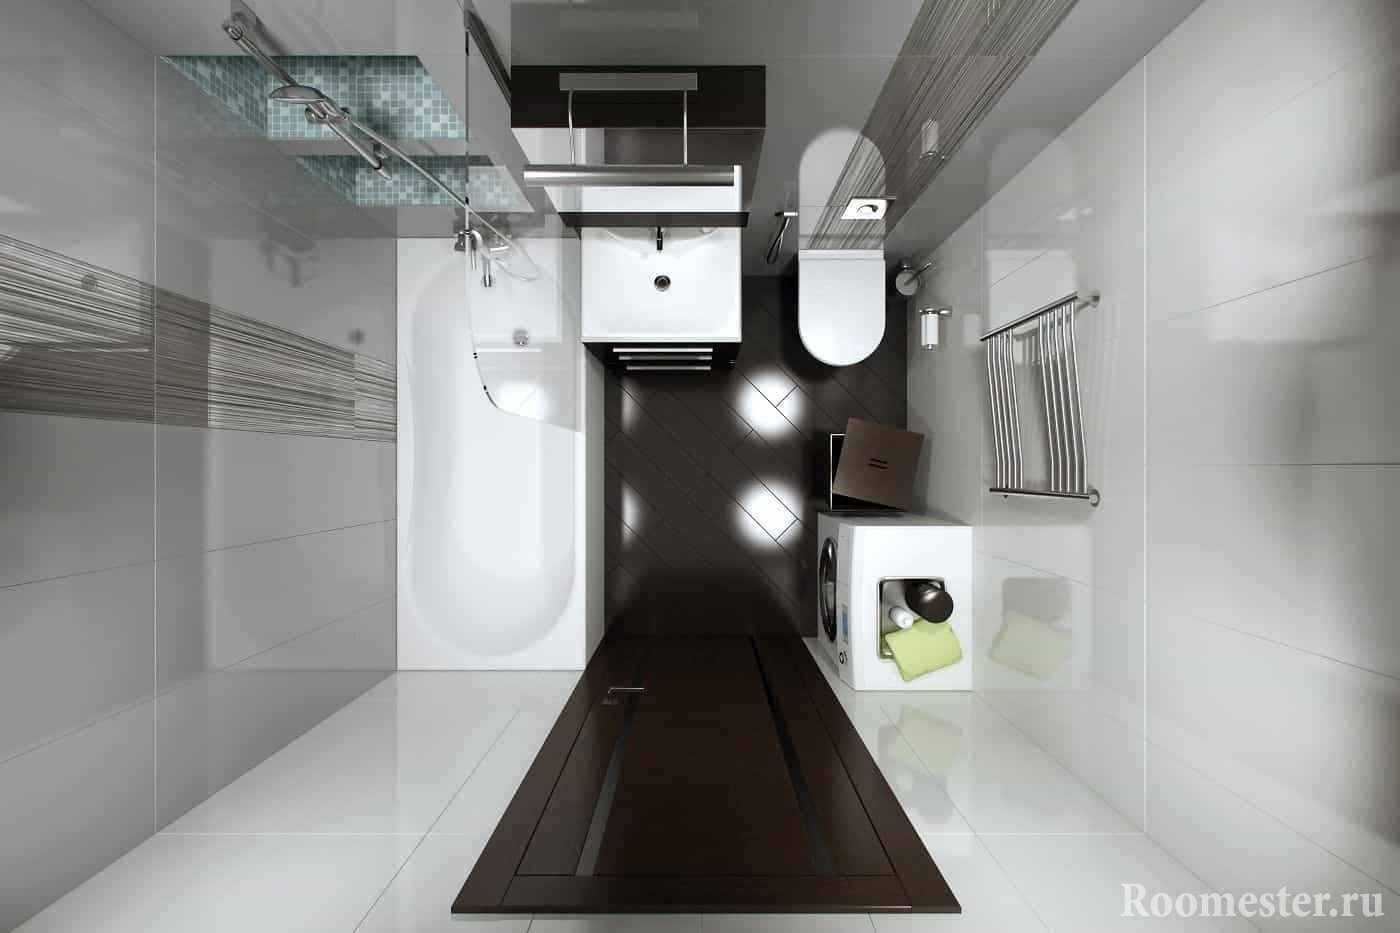 Расположение сантехники и стиральной машины в ванной в панельном доме